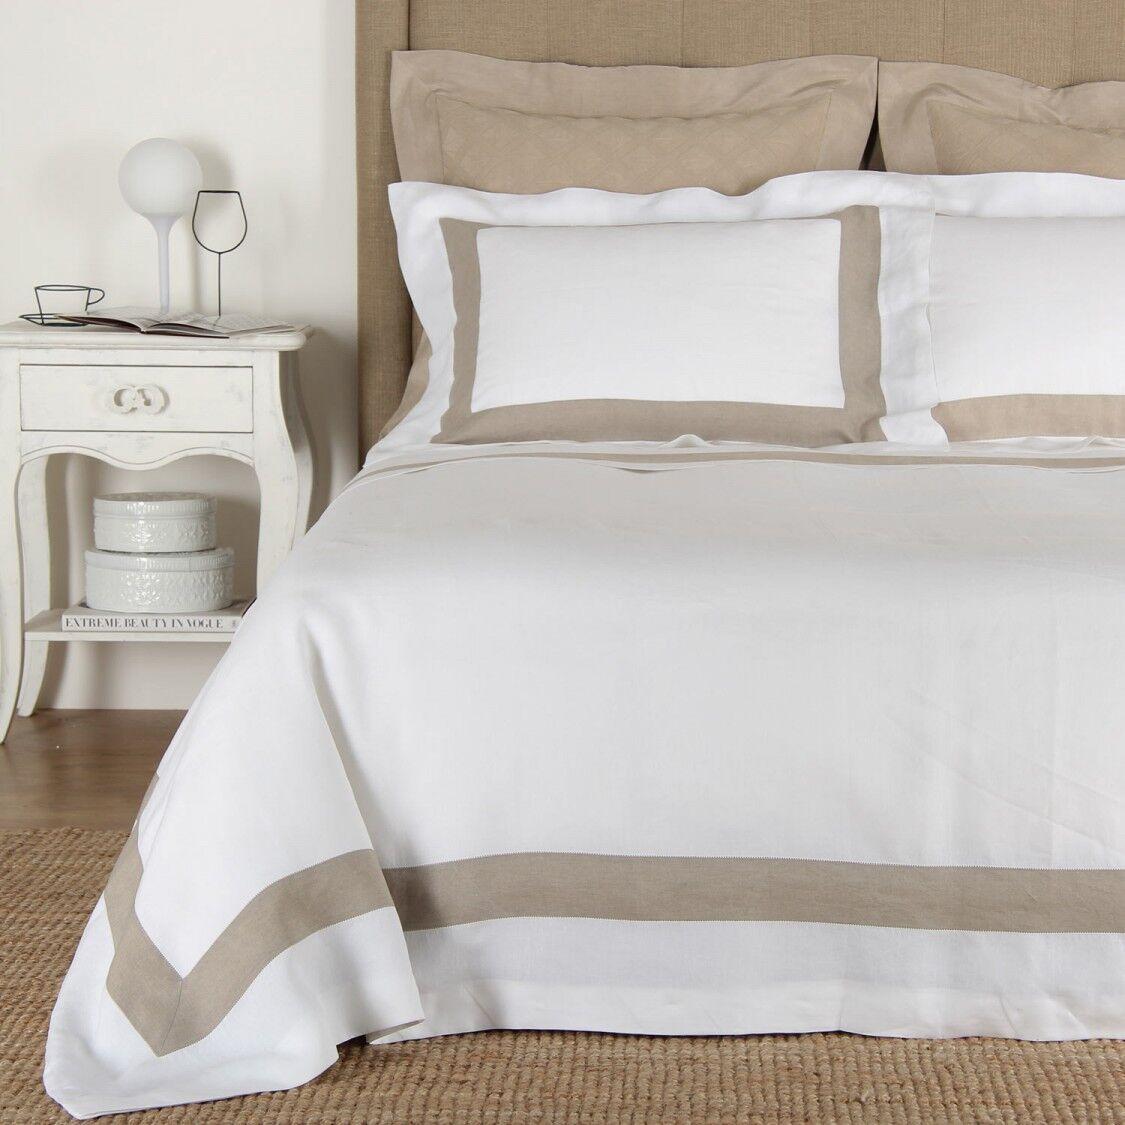 Frette Bicolor Euro Sham White Sandstone 290 TC 100% Cotton   225 W1577